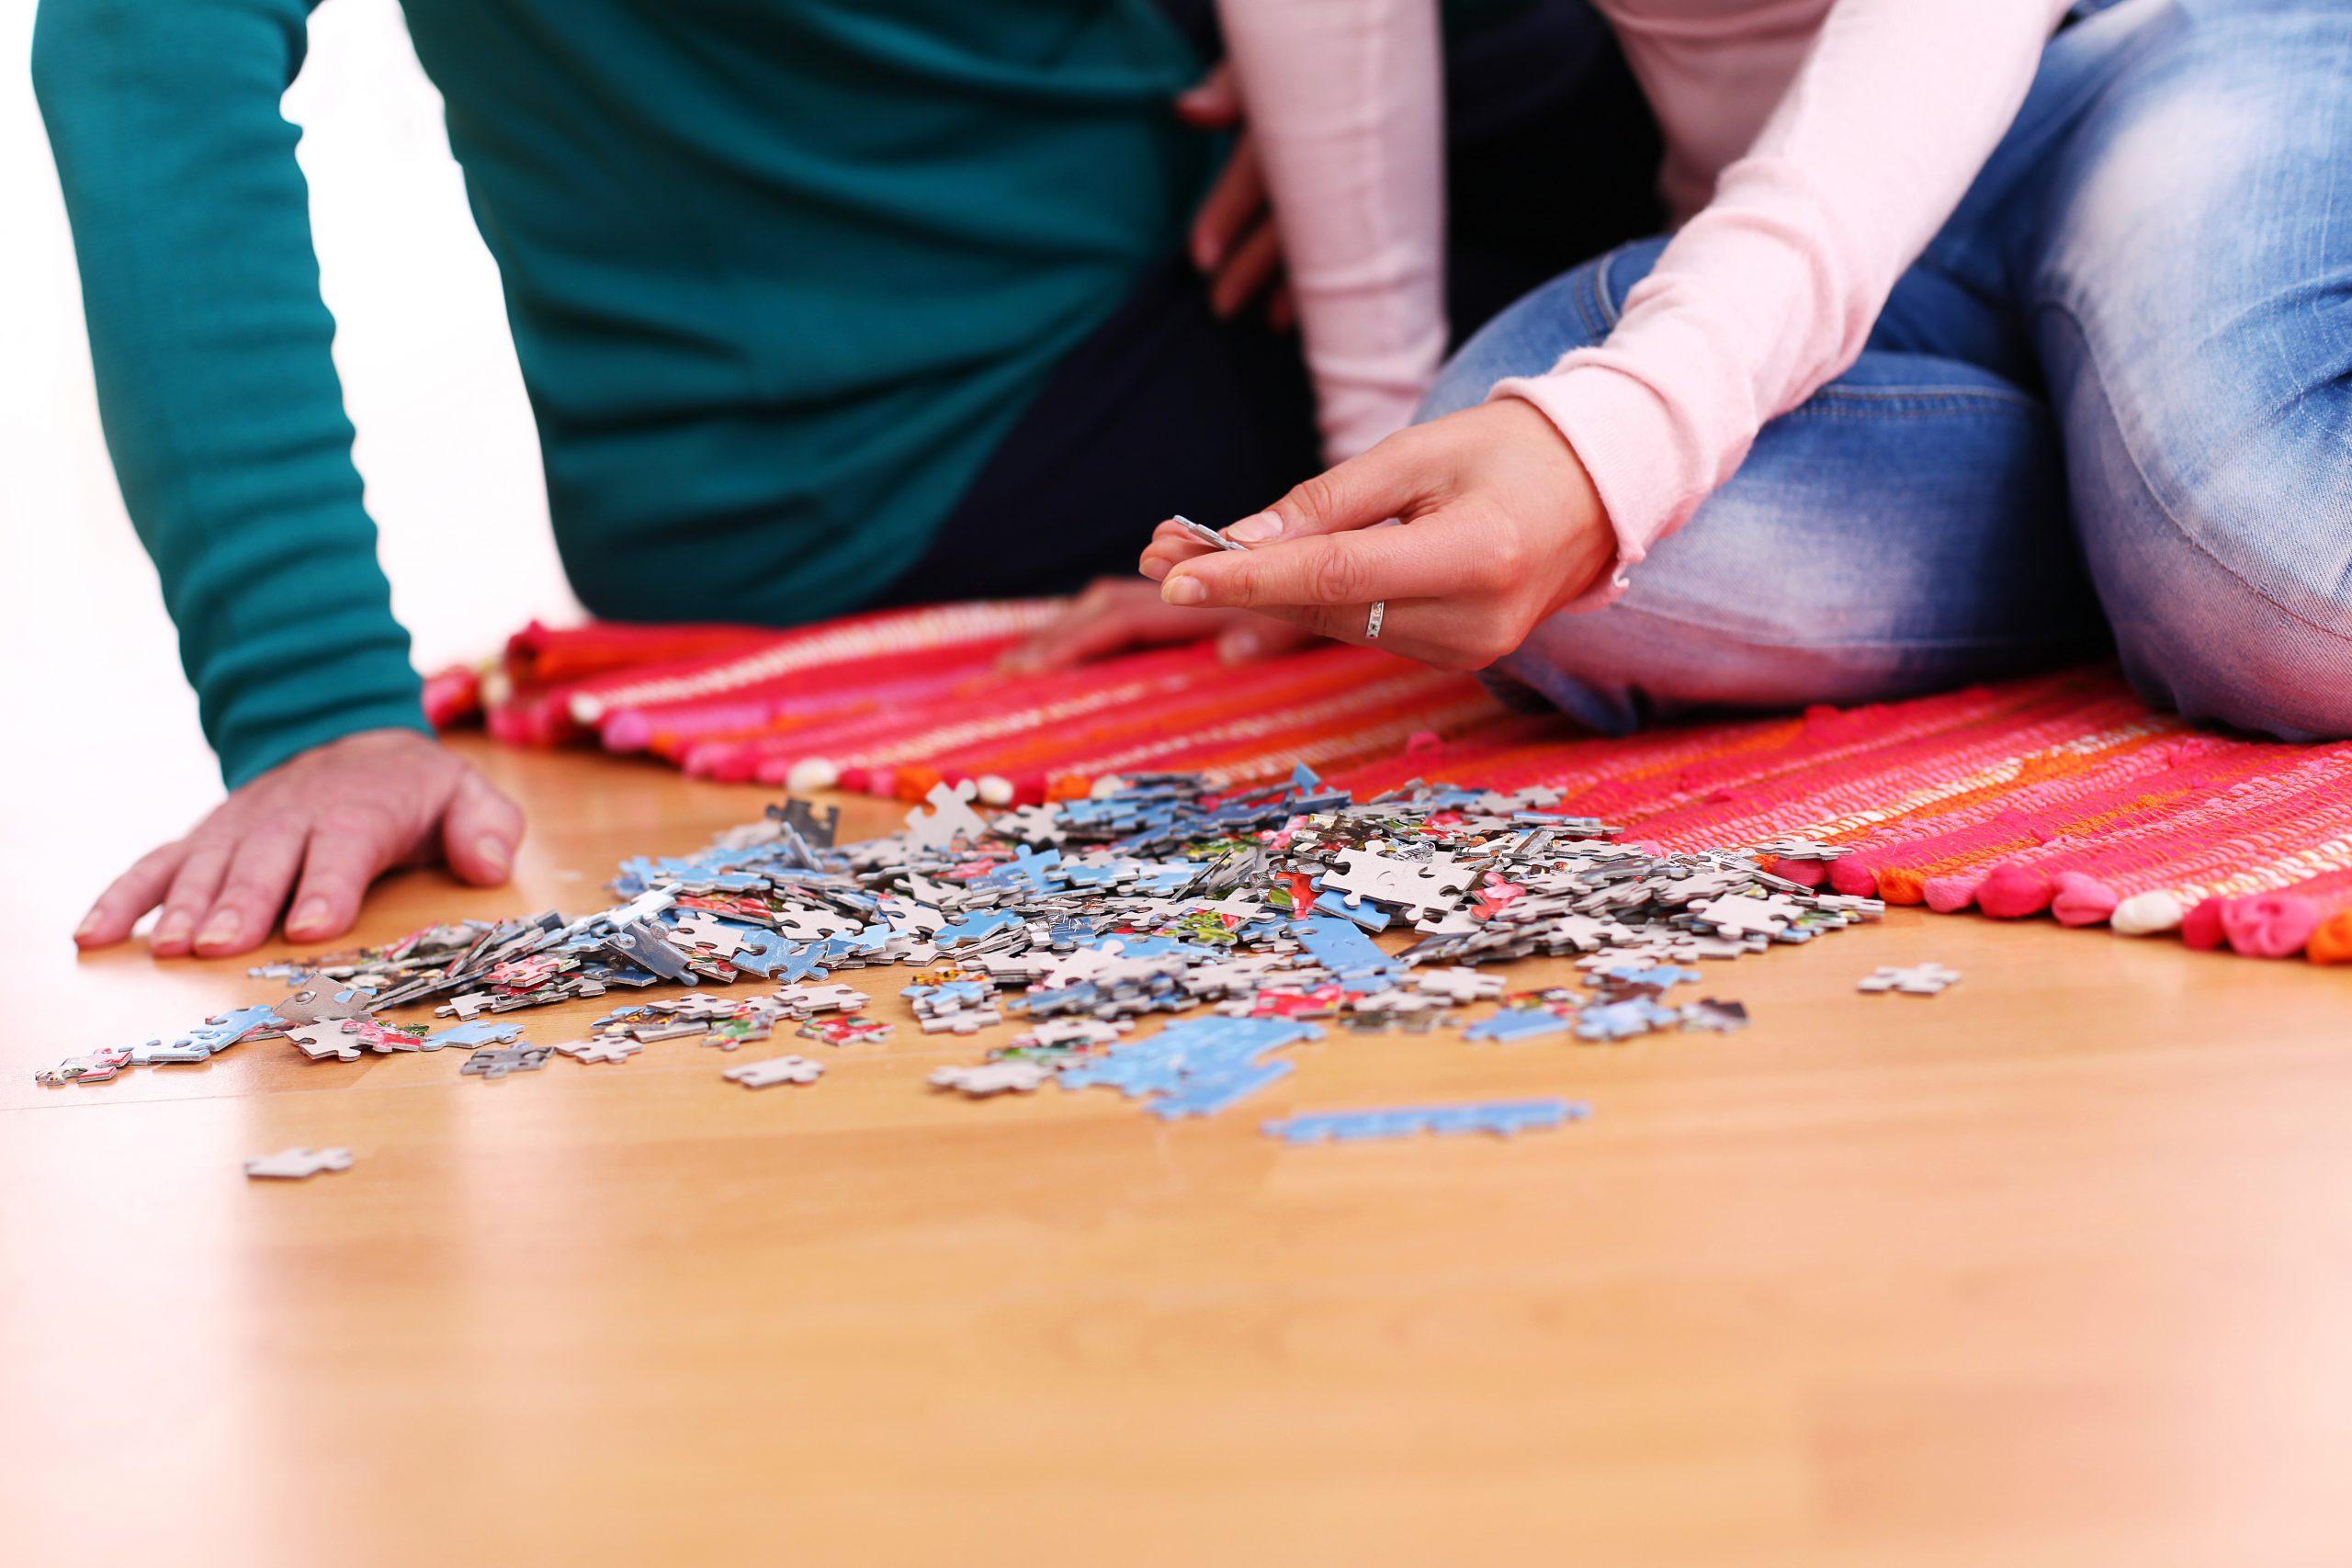 hacer puzzles en familia